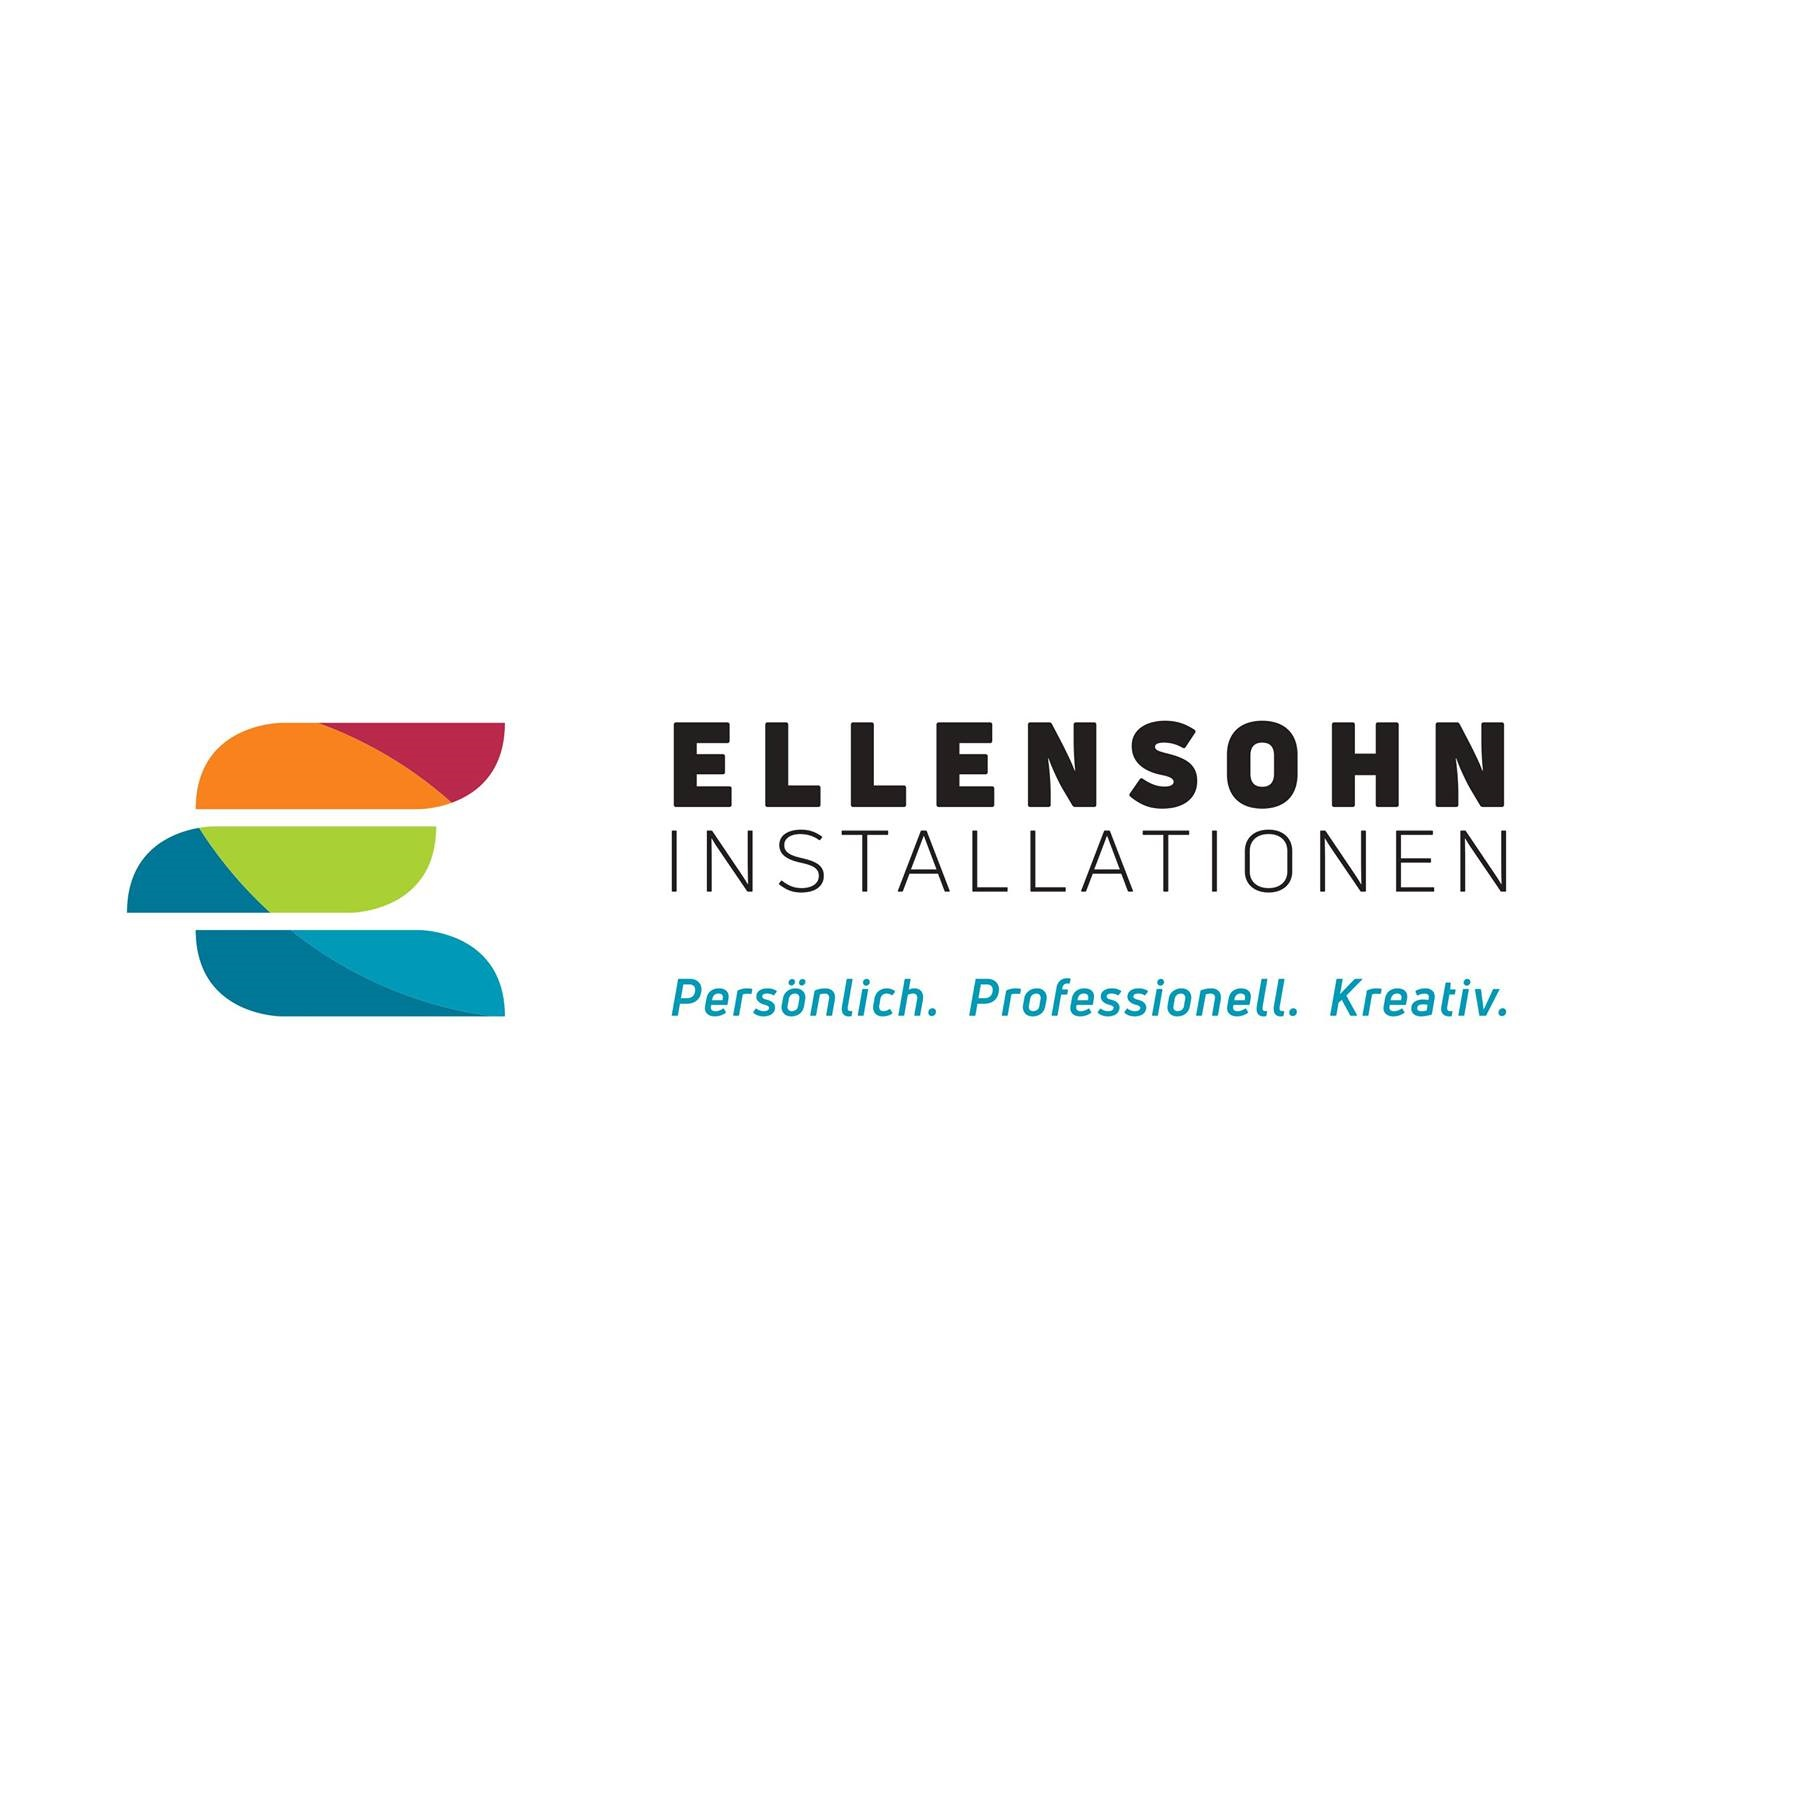 ELLENSOHN INSTALLATIONEN